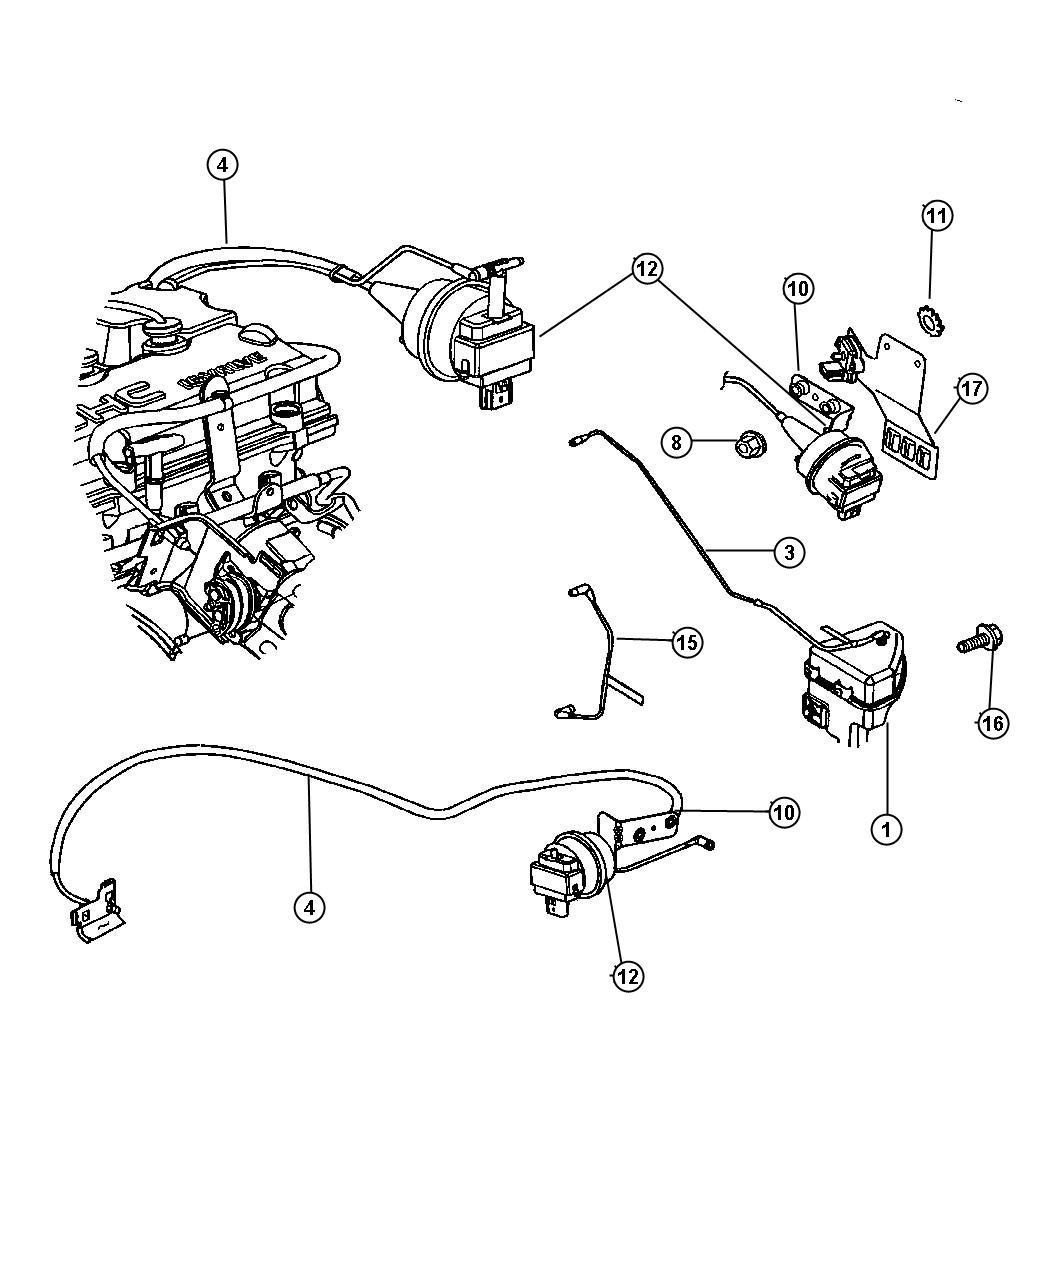 Dodge Stratus Speed Control 2 0l 2 4l 2 7l Engine